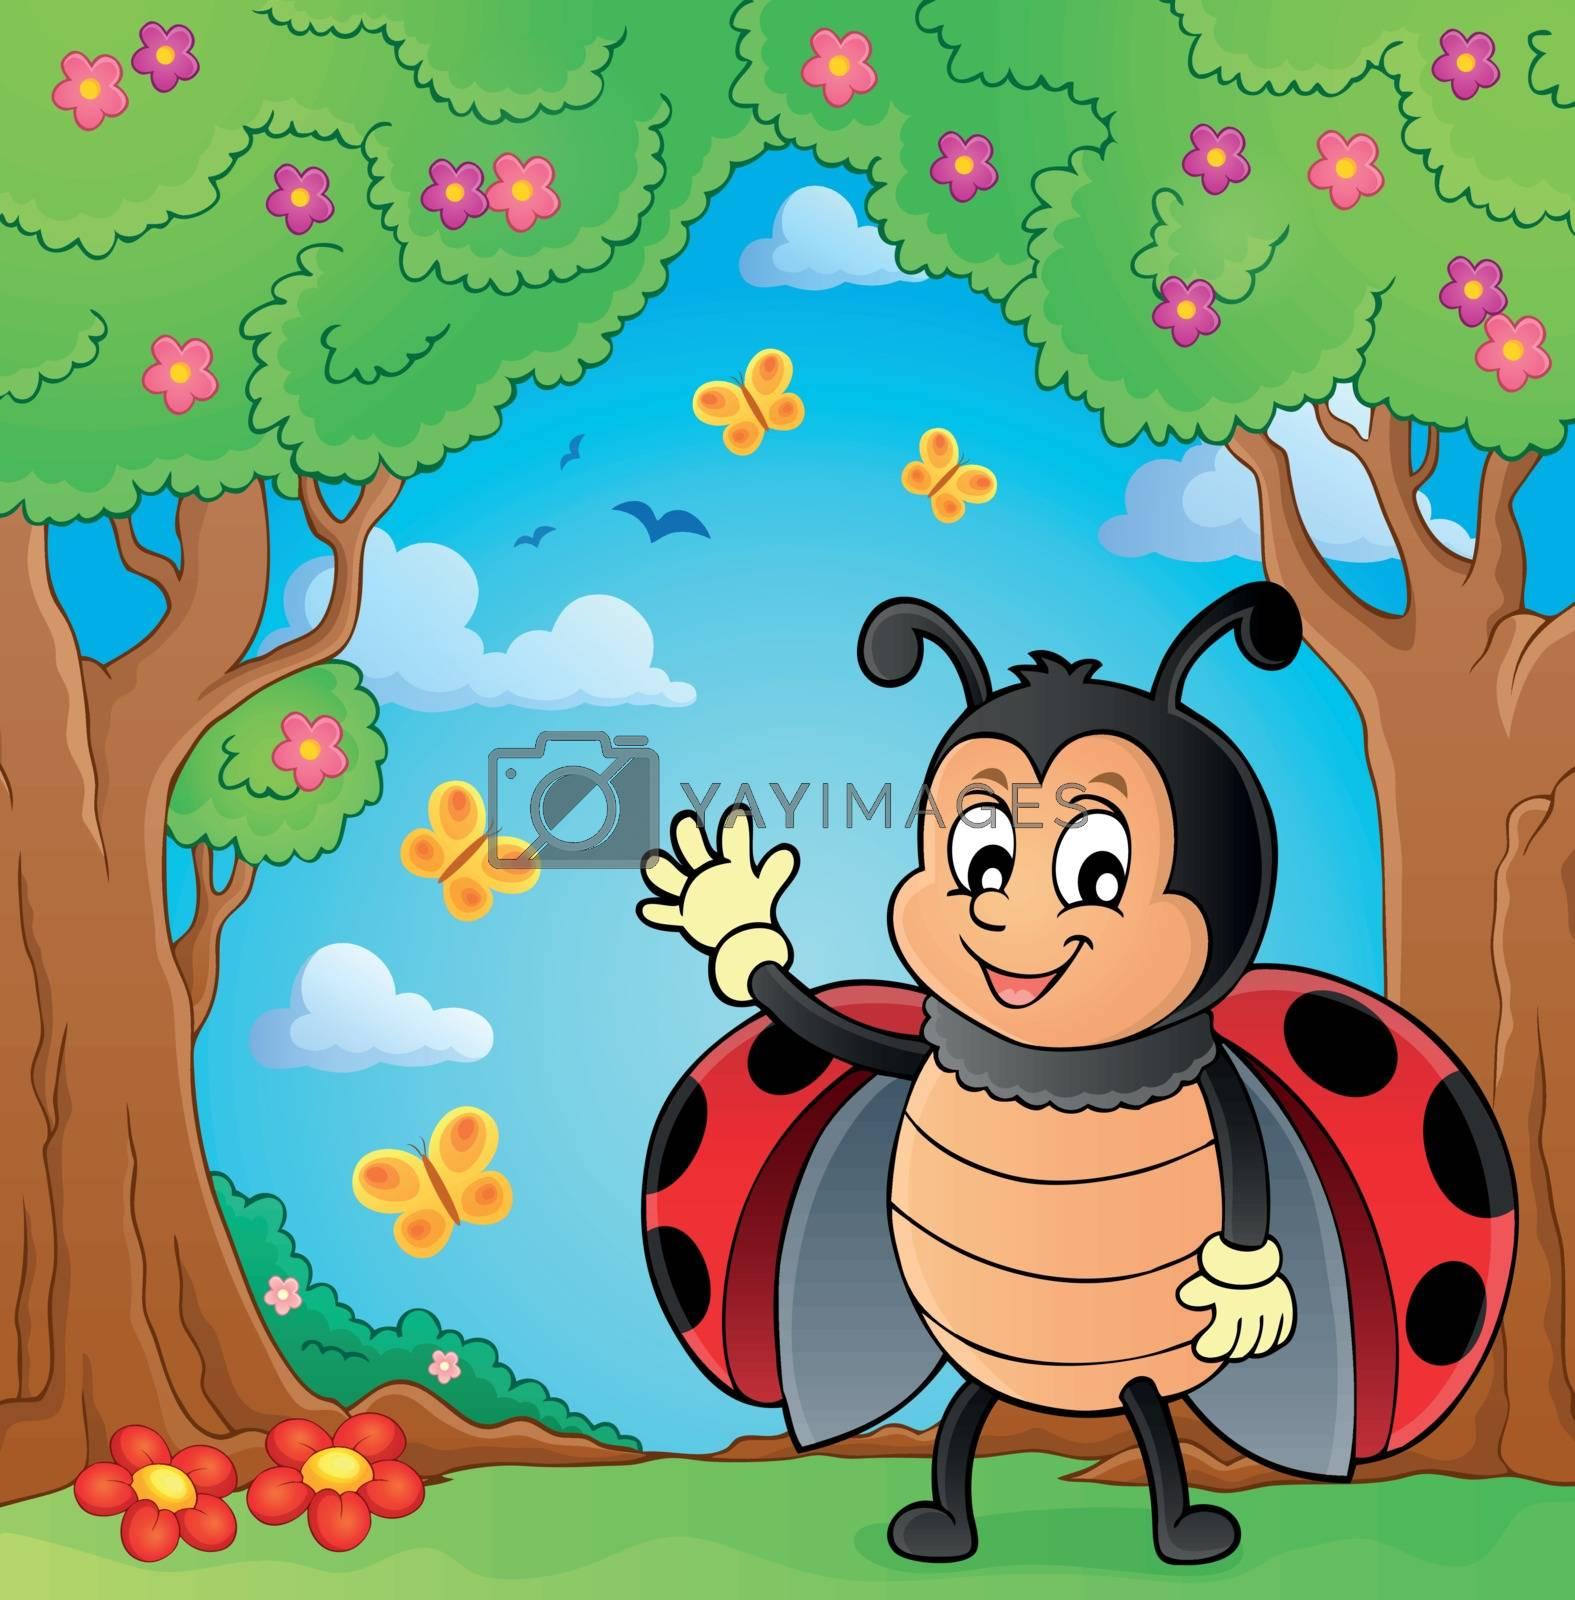 Waving ladybug theme image 4 - eps10 vector illustration.